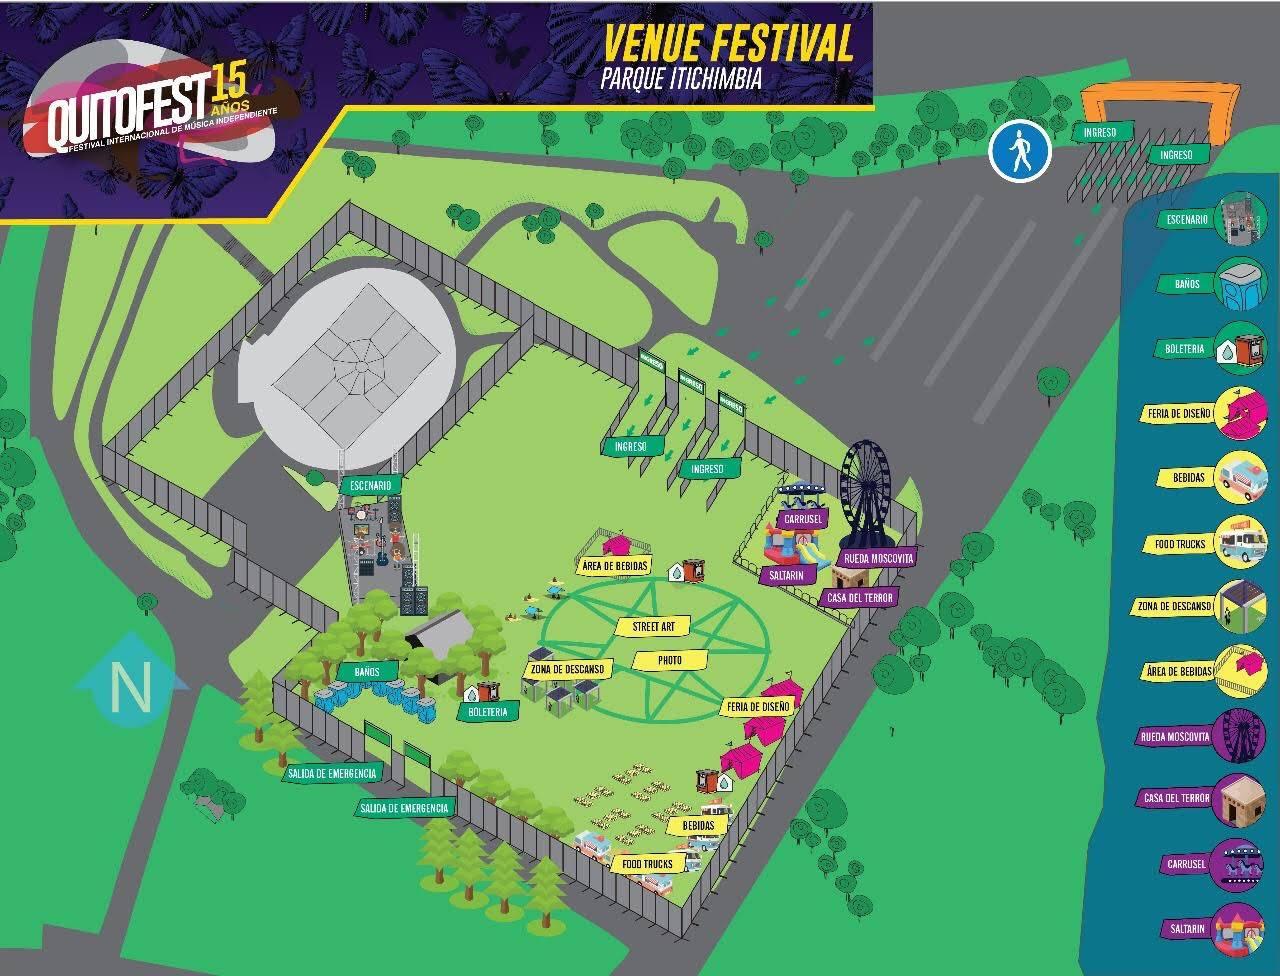 Plano del evento Quitofest 2017